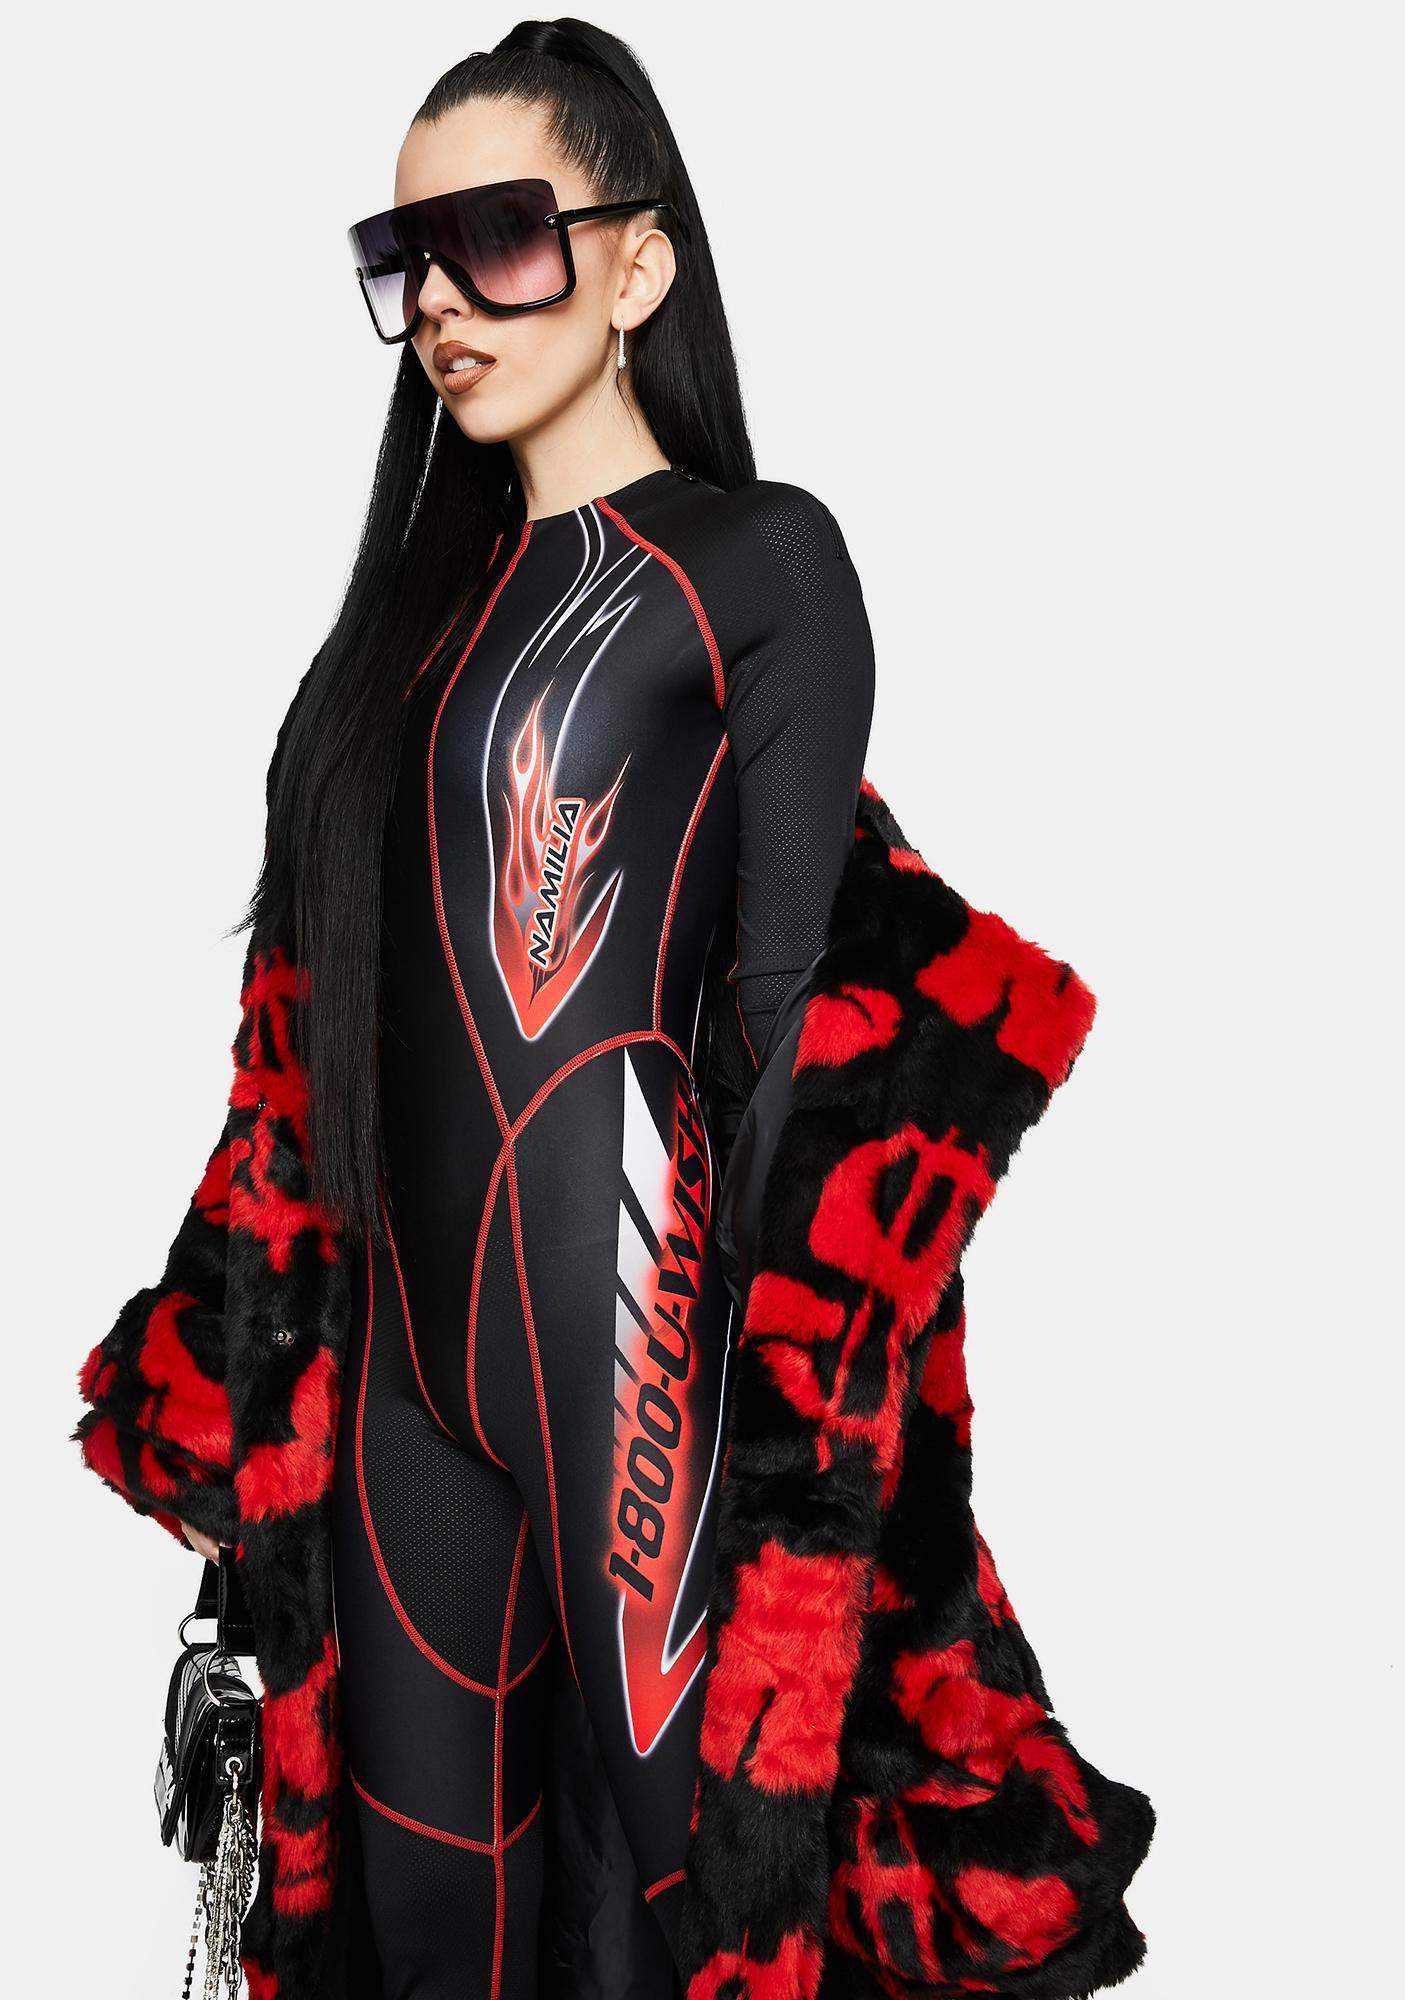 Namilia Speed Racer Full Bodysuit